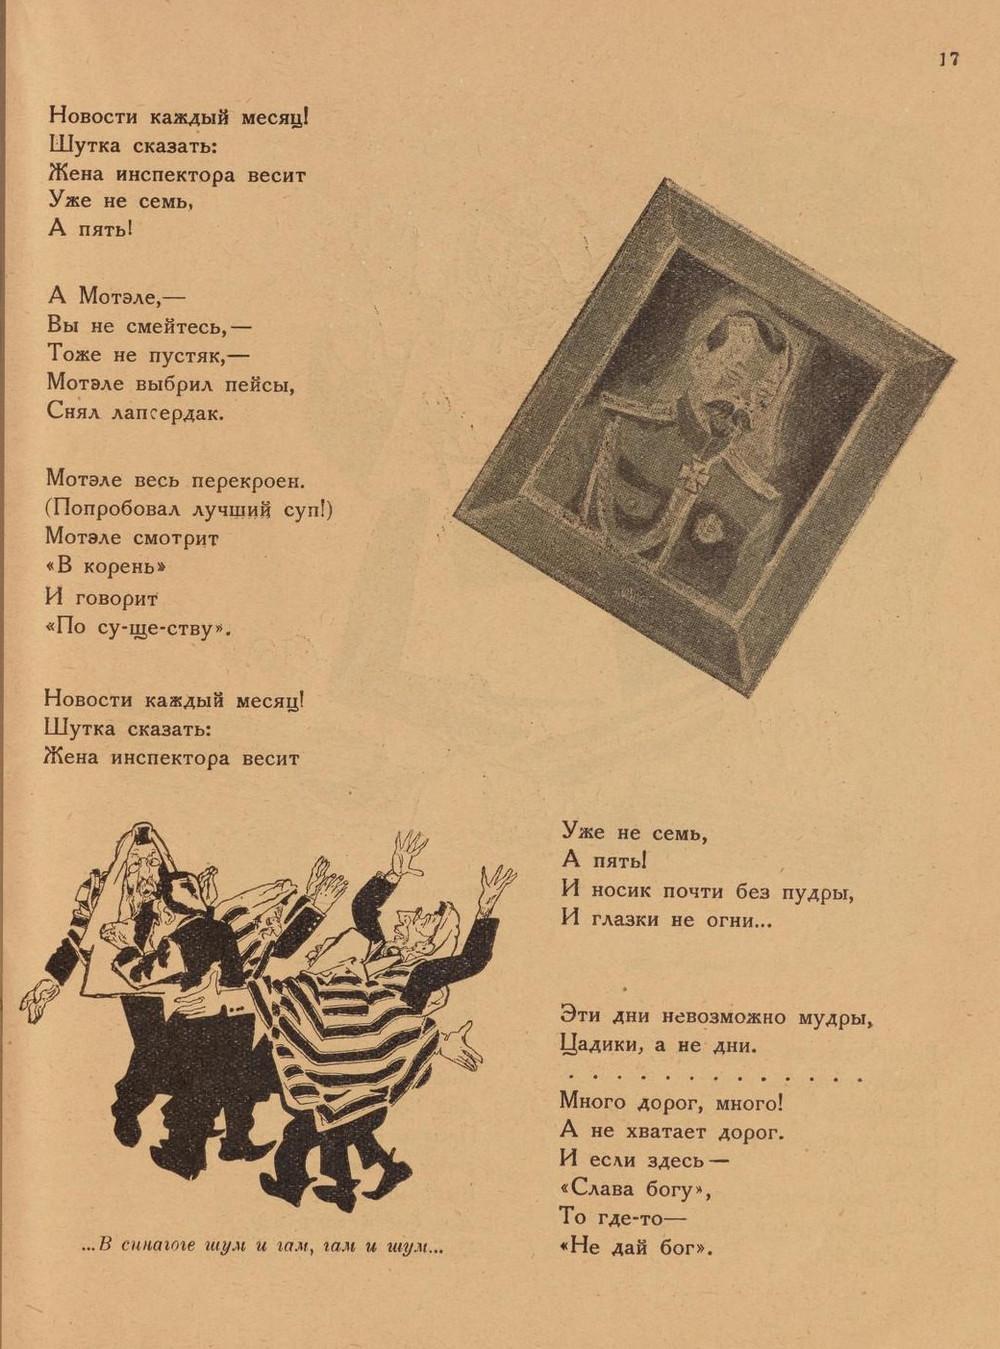 «Повесть о рыжем Мотэле, господине инспекторе, раввине Иссайе и комиссаре Блох» (1926 год) 15